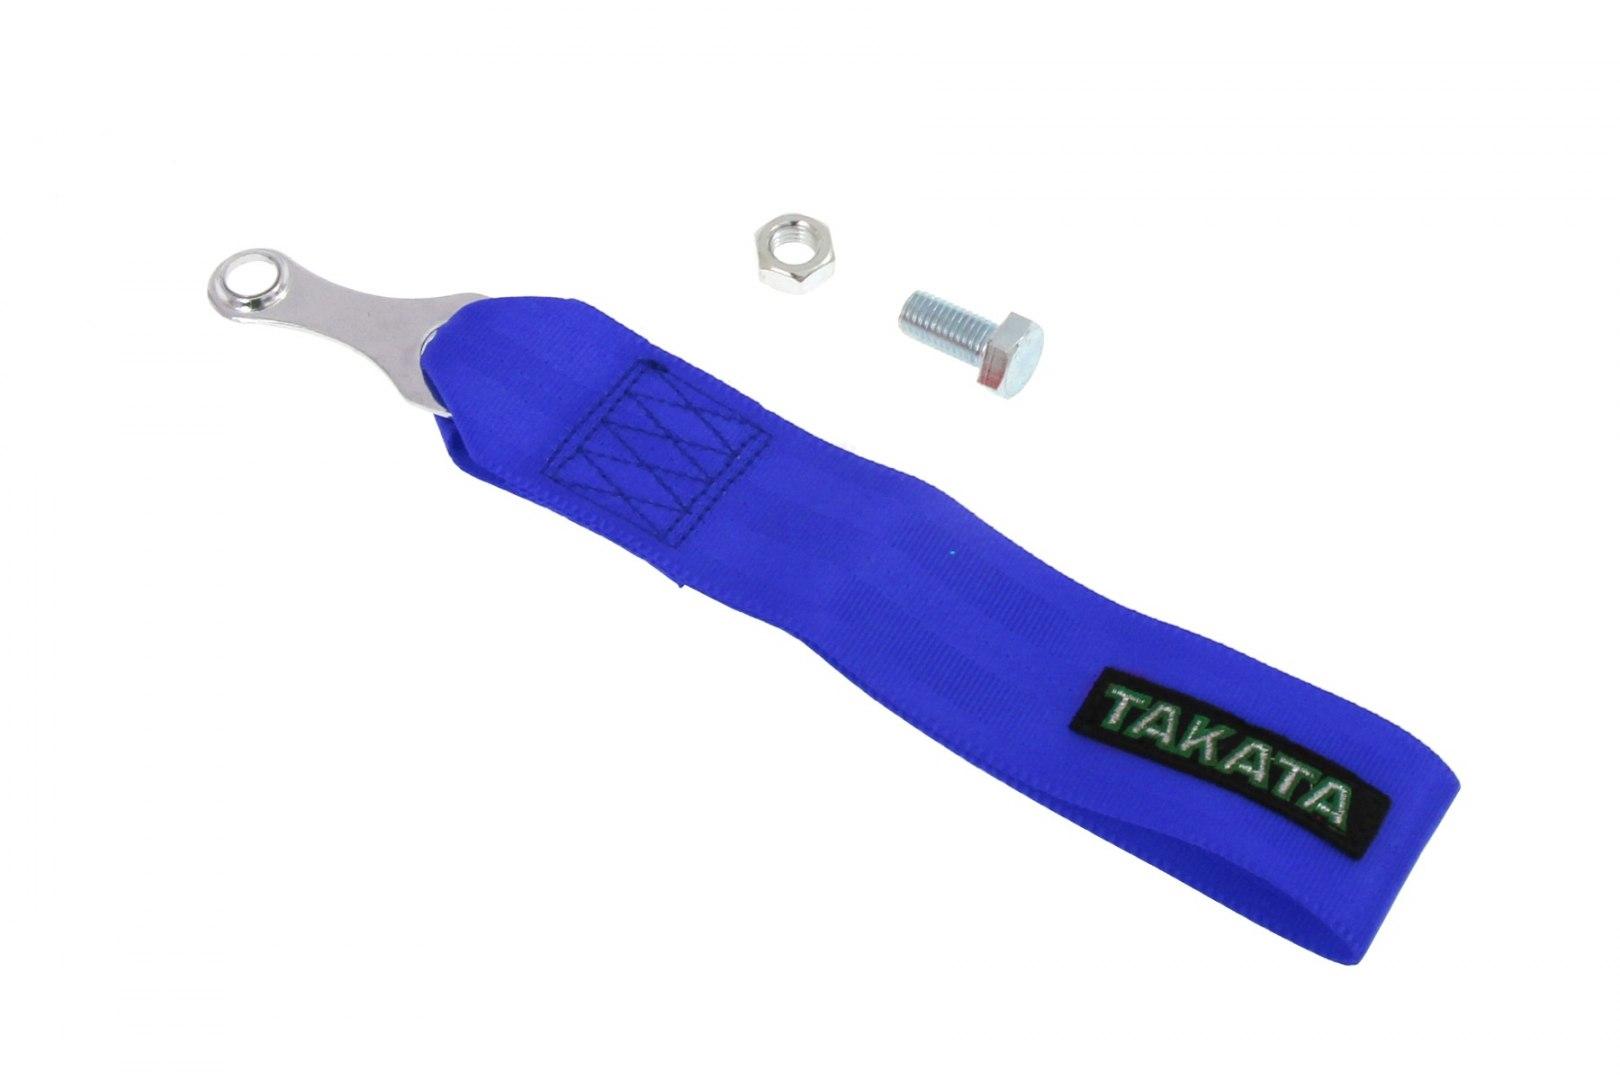 Pas / pętla holownicza (Tow Strap) Takata Niebieski - GRUBYGARAGE - Sklep Tuningowy